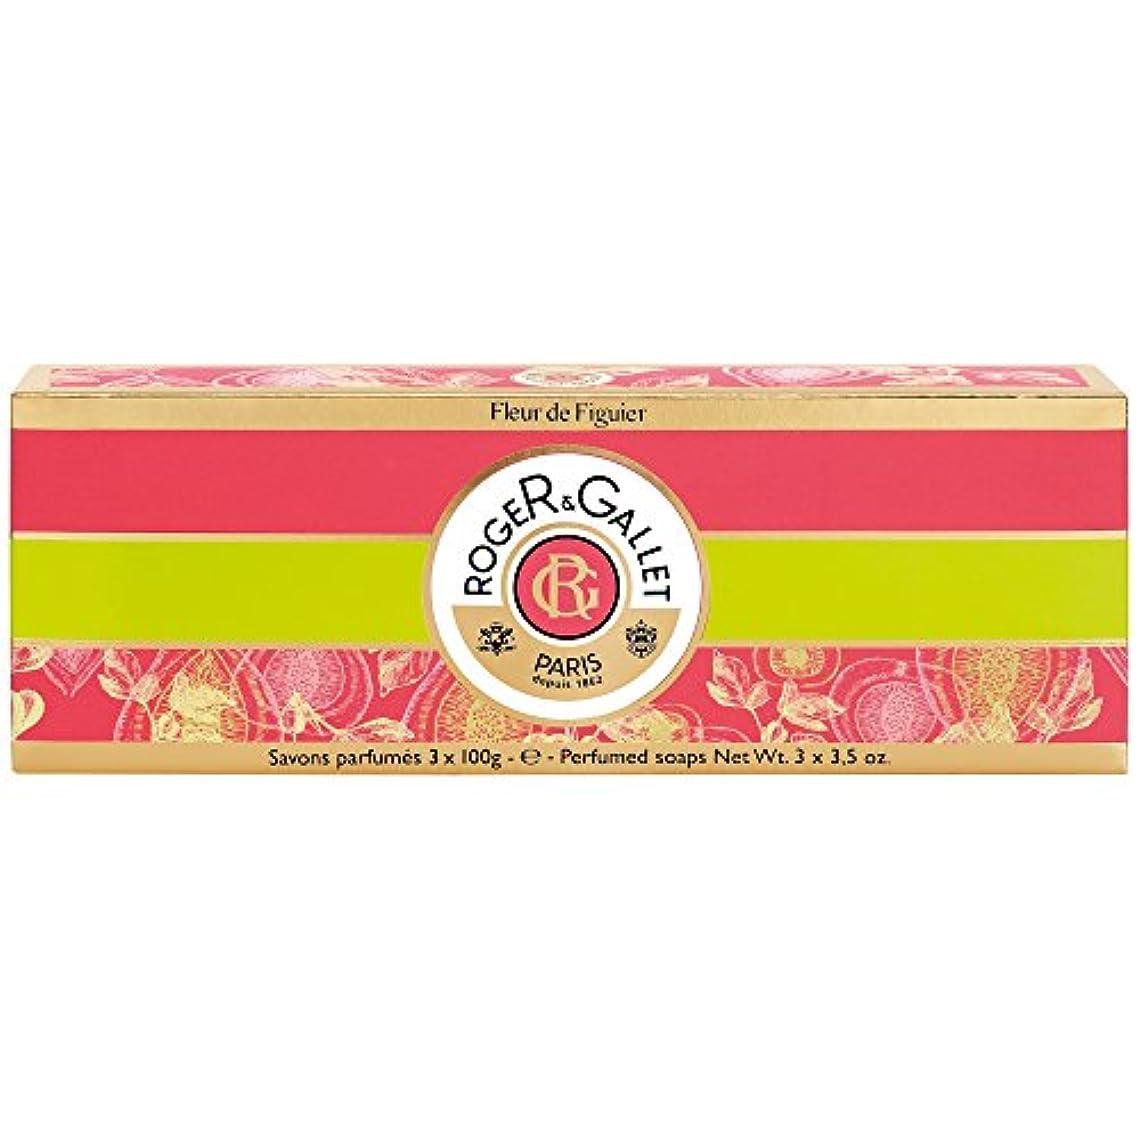 帝国主義高度グローバルロジャー&Galletのフルール?ド?フィギエソープコフレ3×100グラム (Roger & Gallet) (x2) - Roger & Gallet Fleur de Figuier Soap Coffret 3 x 100g (Pack of 2) [並行輸入品]